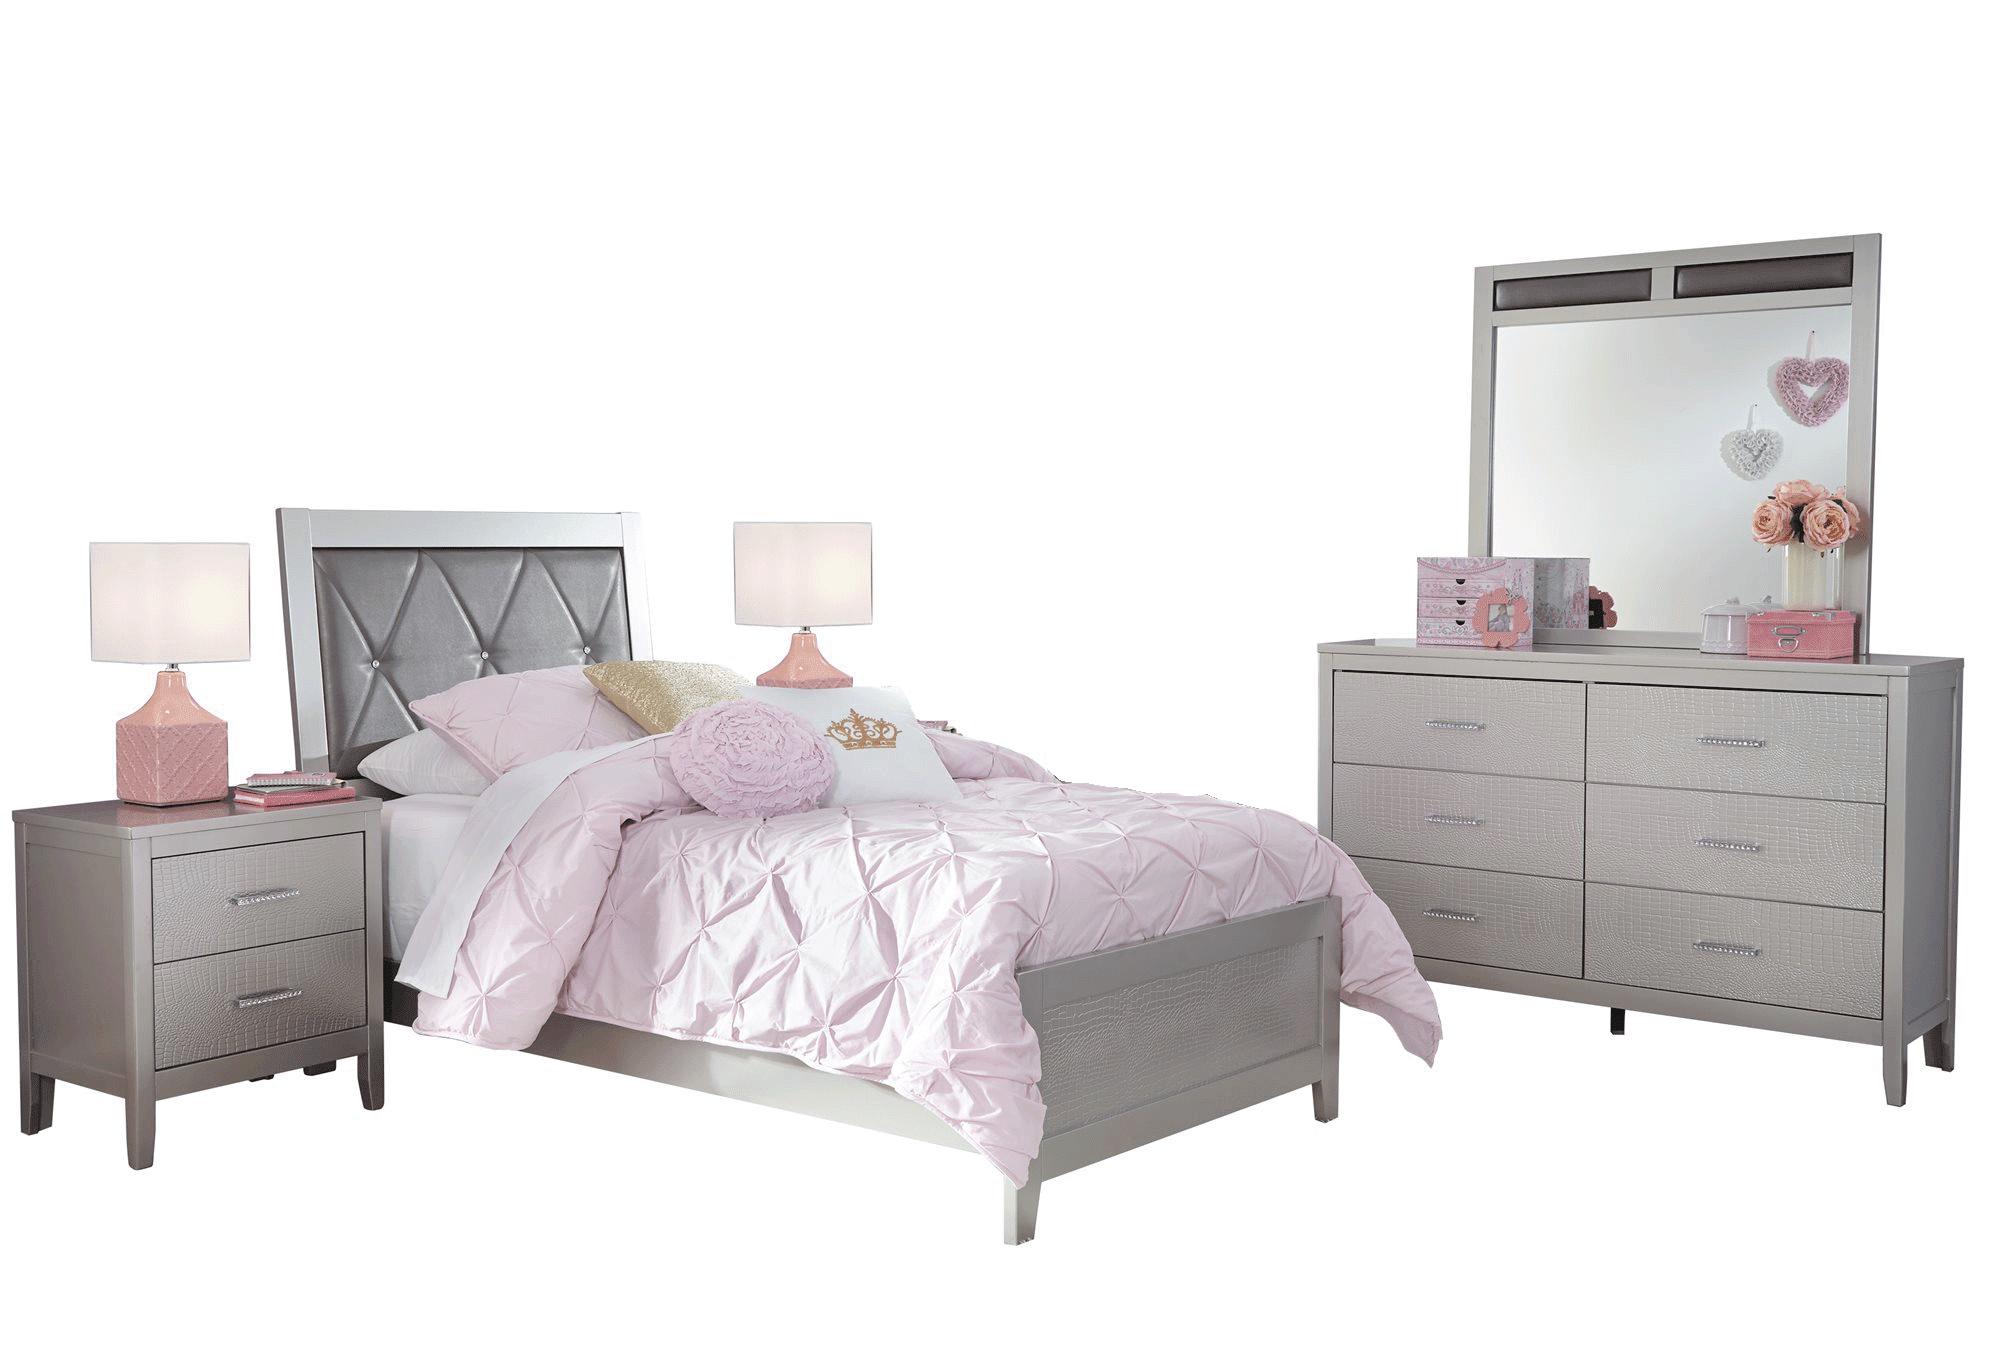 ashley furniture olivet 5 pc bedroom set twin panel bed 2